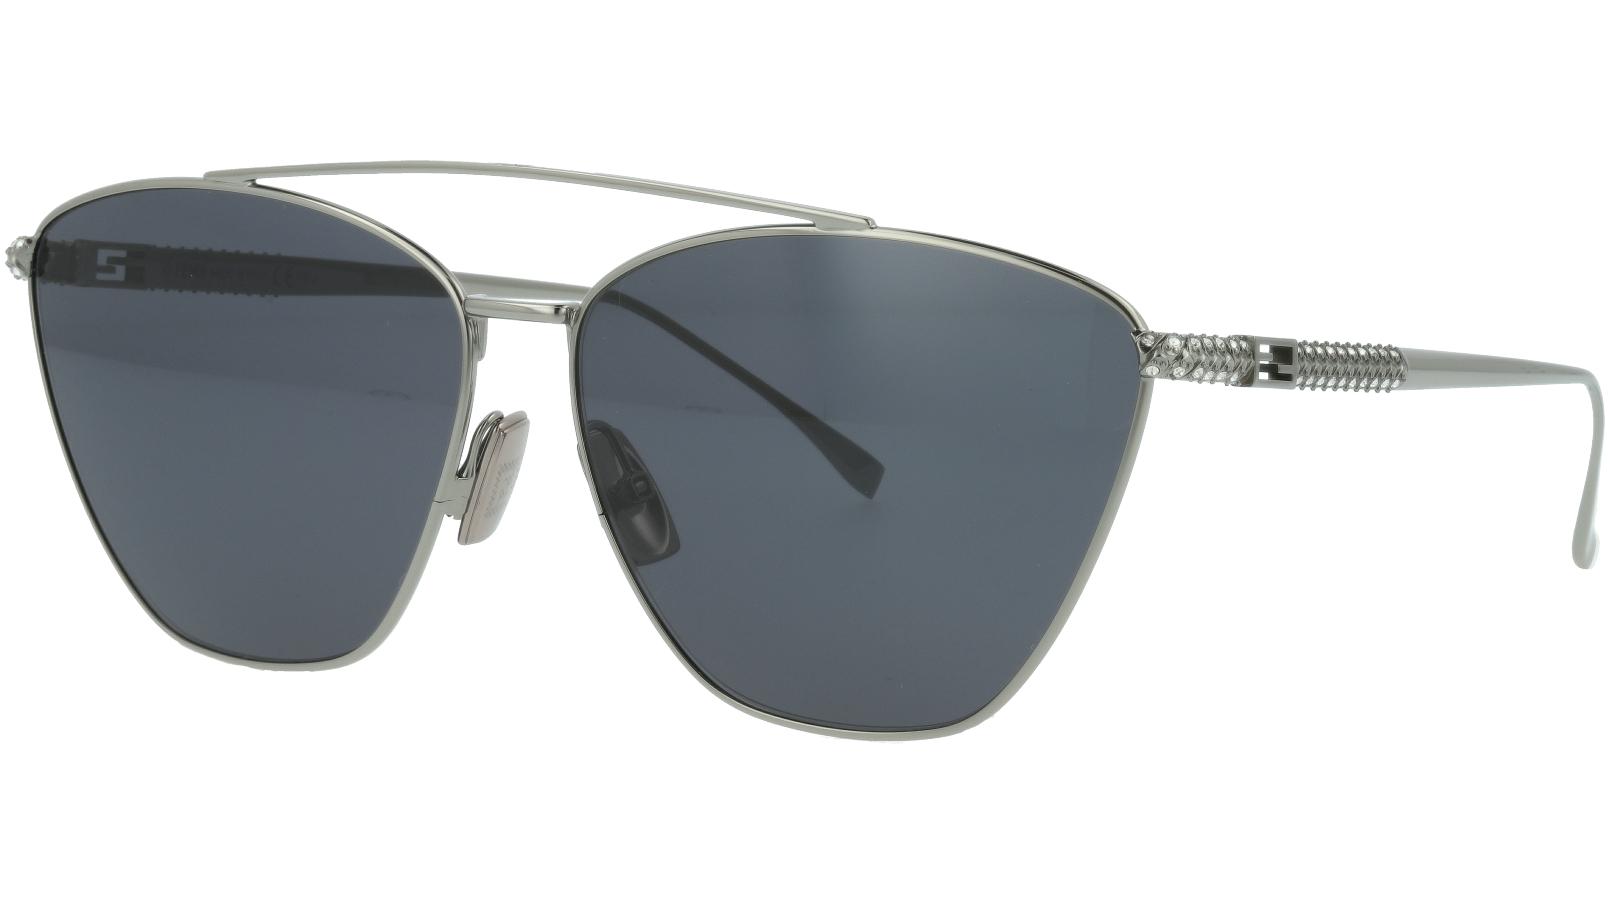 Fendi FF0438/S 6LBIR 64 RUTHENIUM Sunglasses